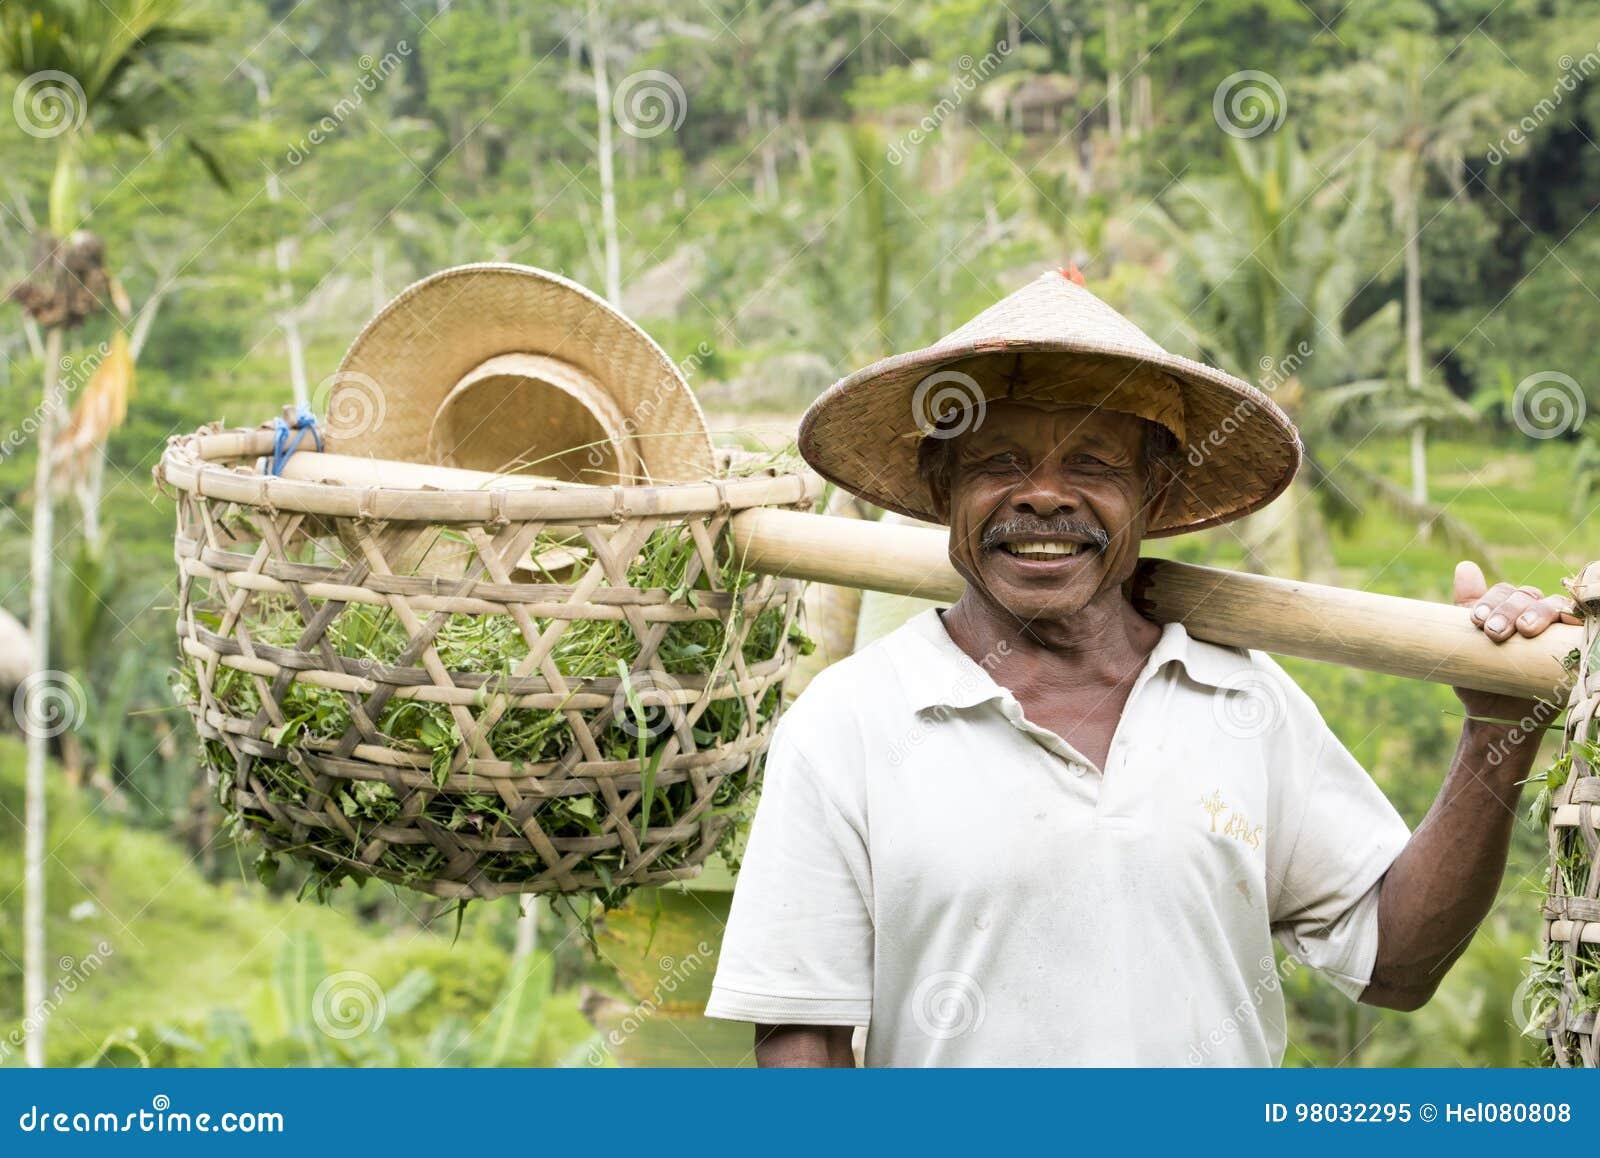 Фермер на работе в рисовых полях, Бали